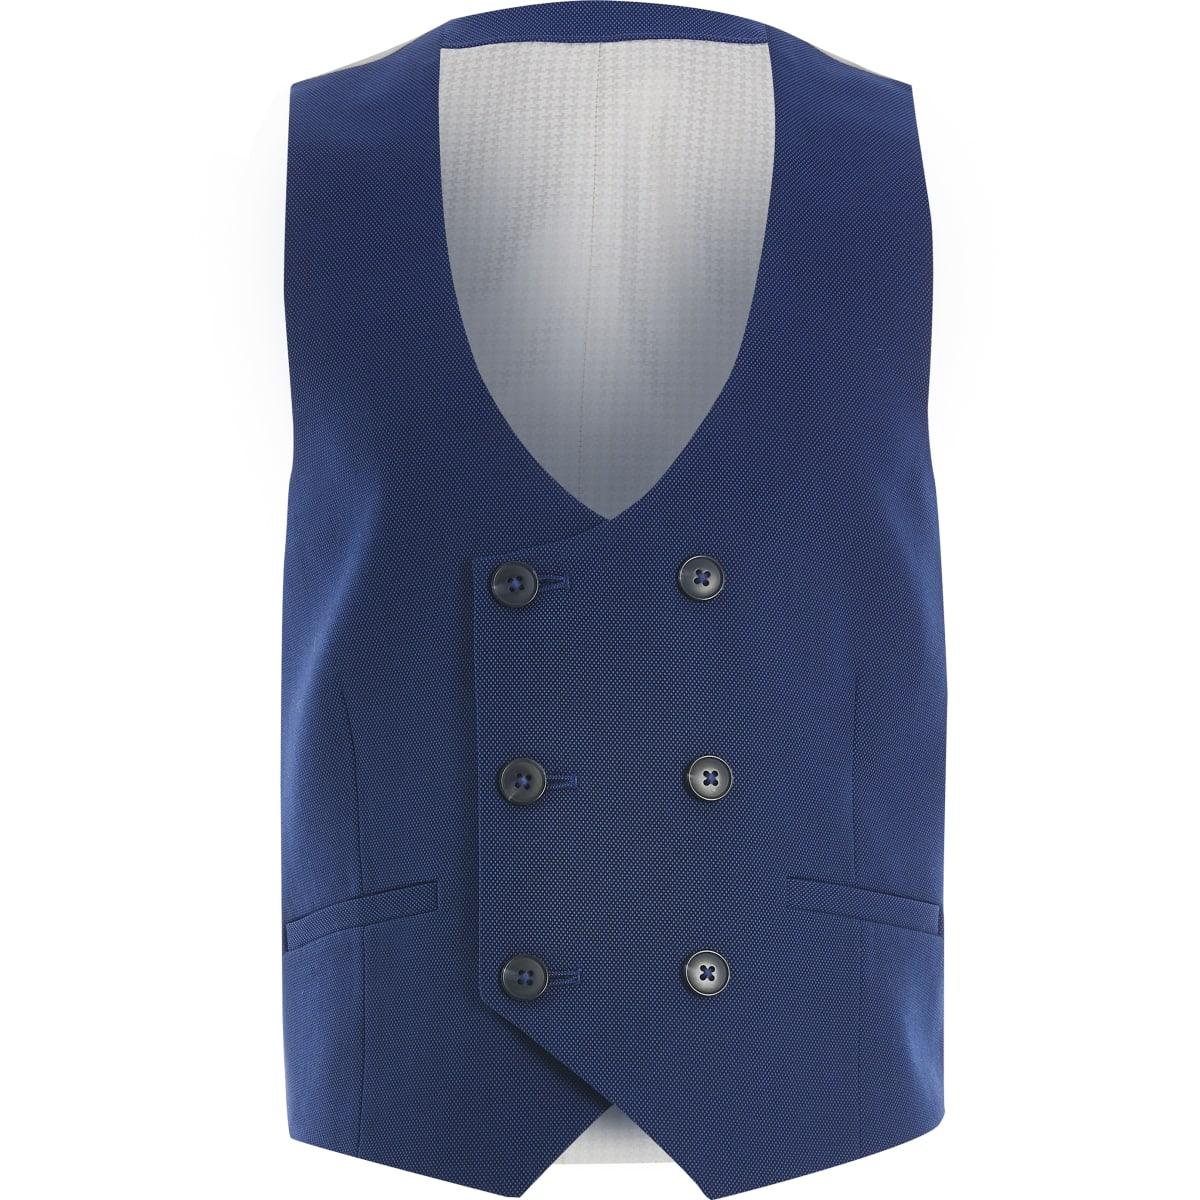 Blauw double breasted gilet met pindot stippen voor jongens